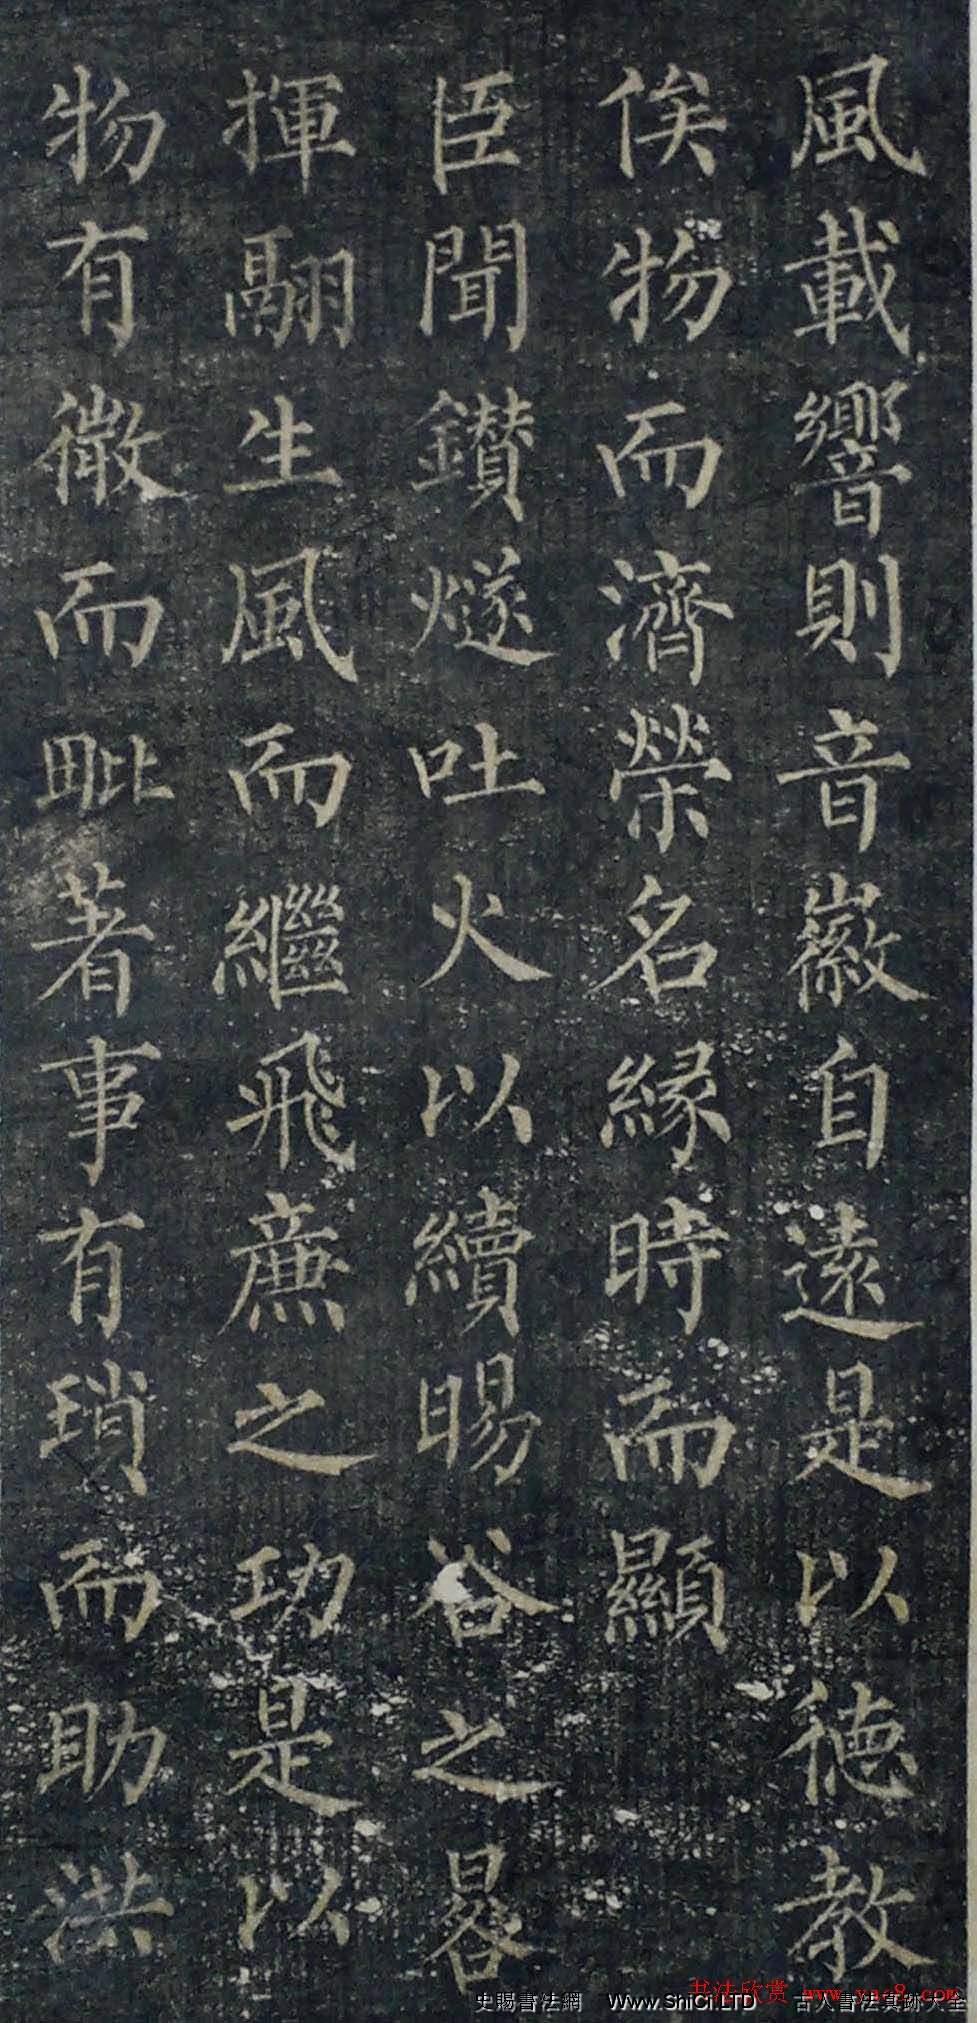 柳字帖:柳公權《陸士衡演連珠》